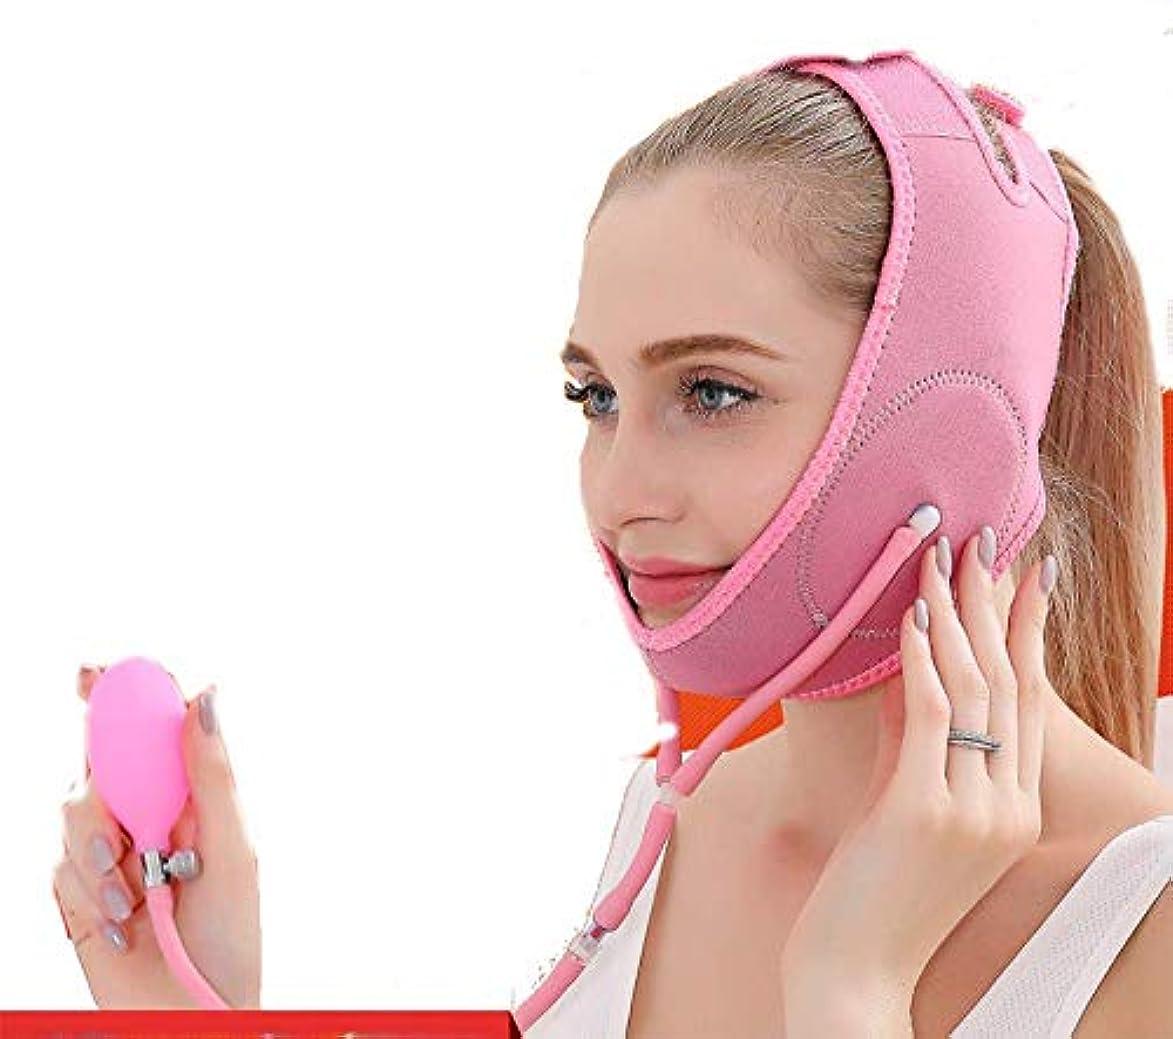 サンダーキャンベラボランティアNICE顔修正ベルト-薄い顔マスク睡眠薄い顔美容サウナータ顔顔帯あごに行く法パターン顔V顔ユニセックス、ピンク